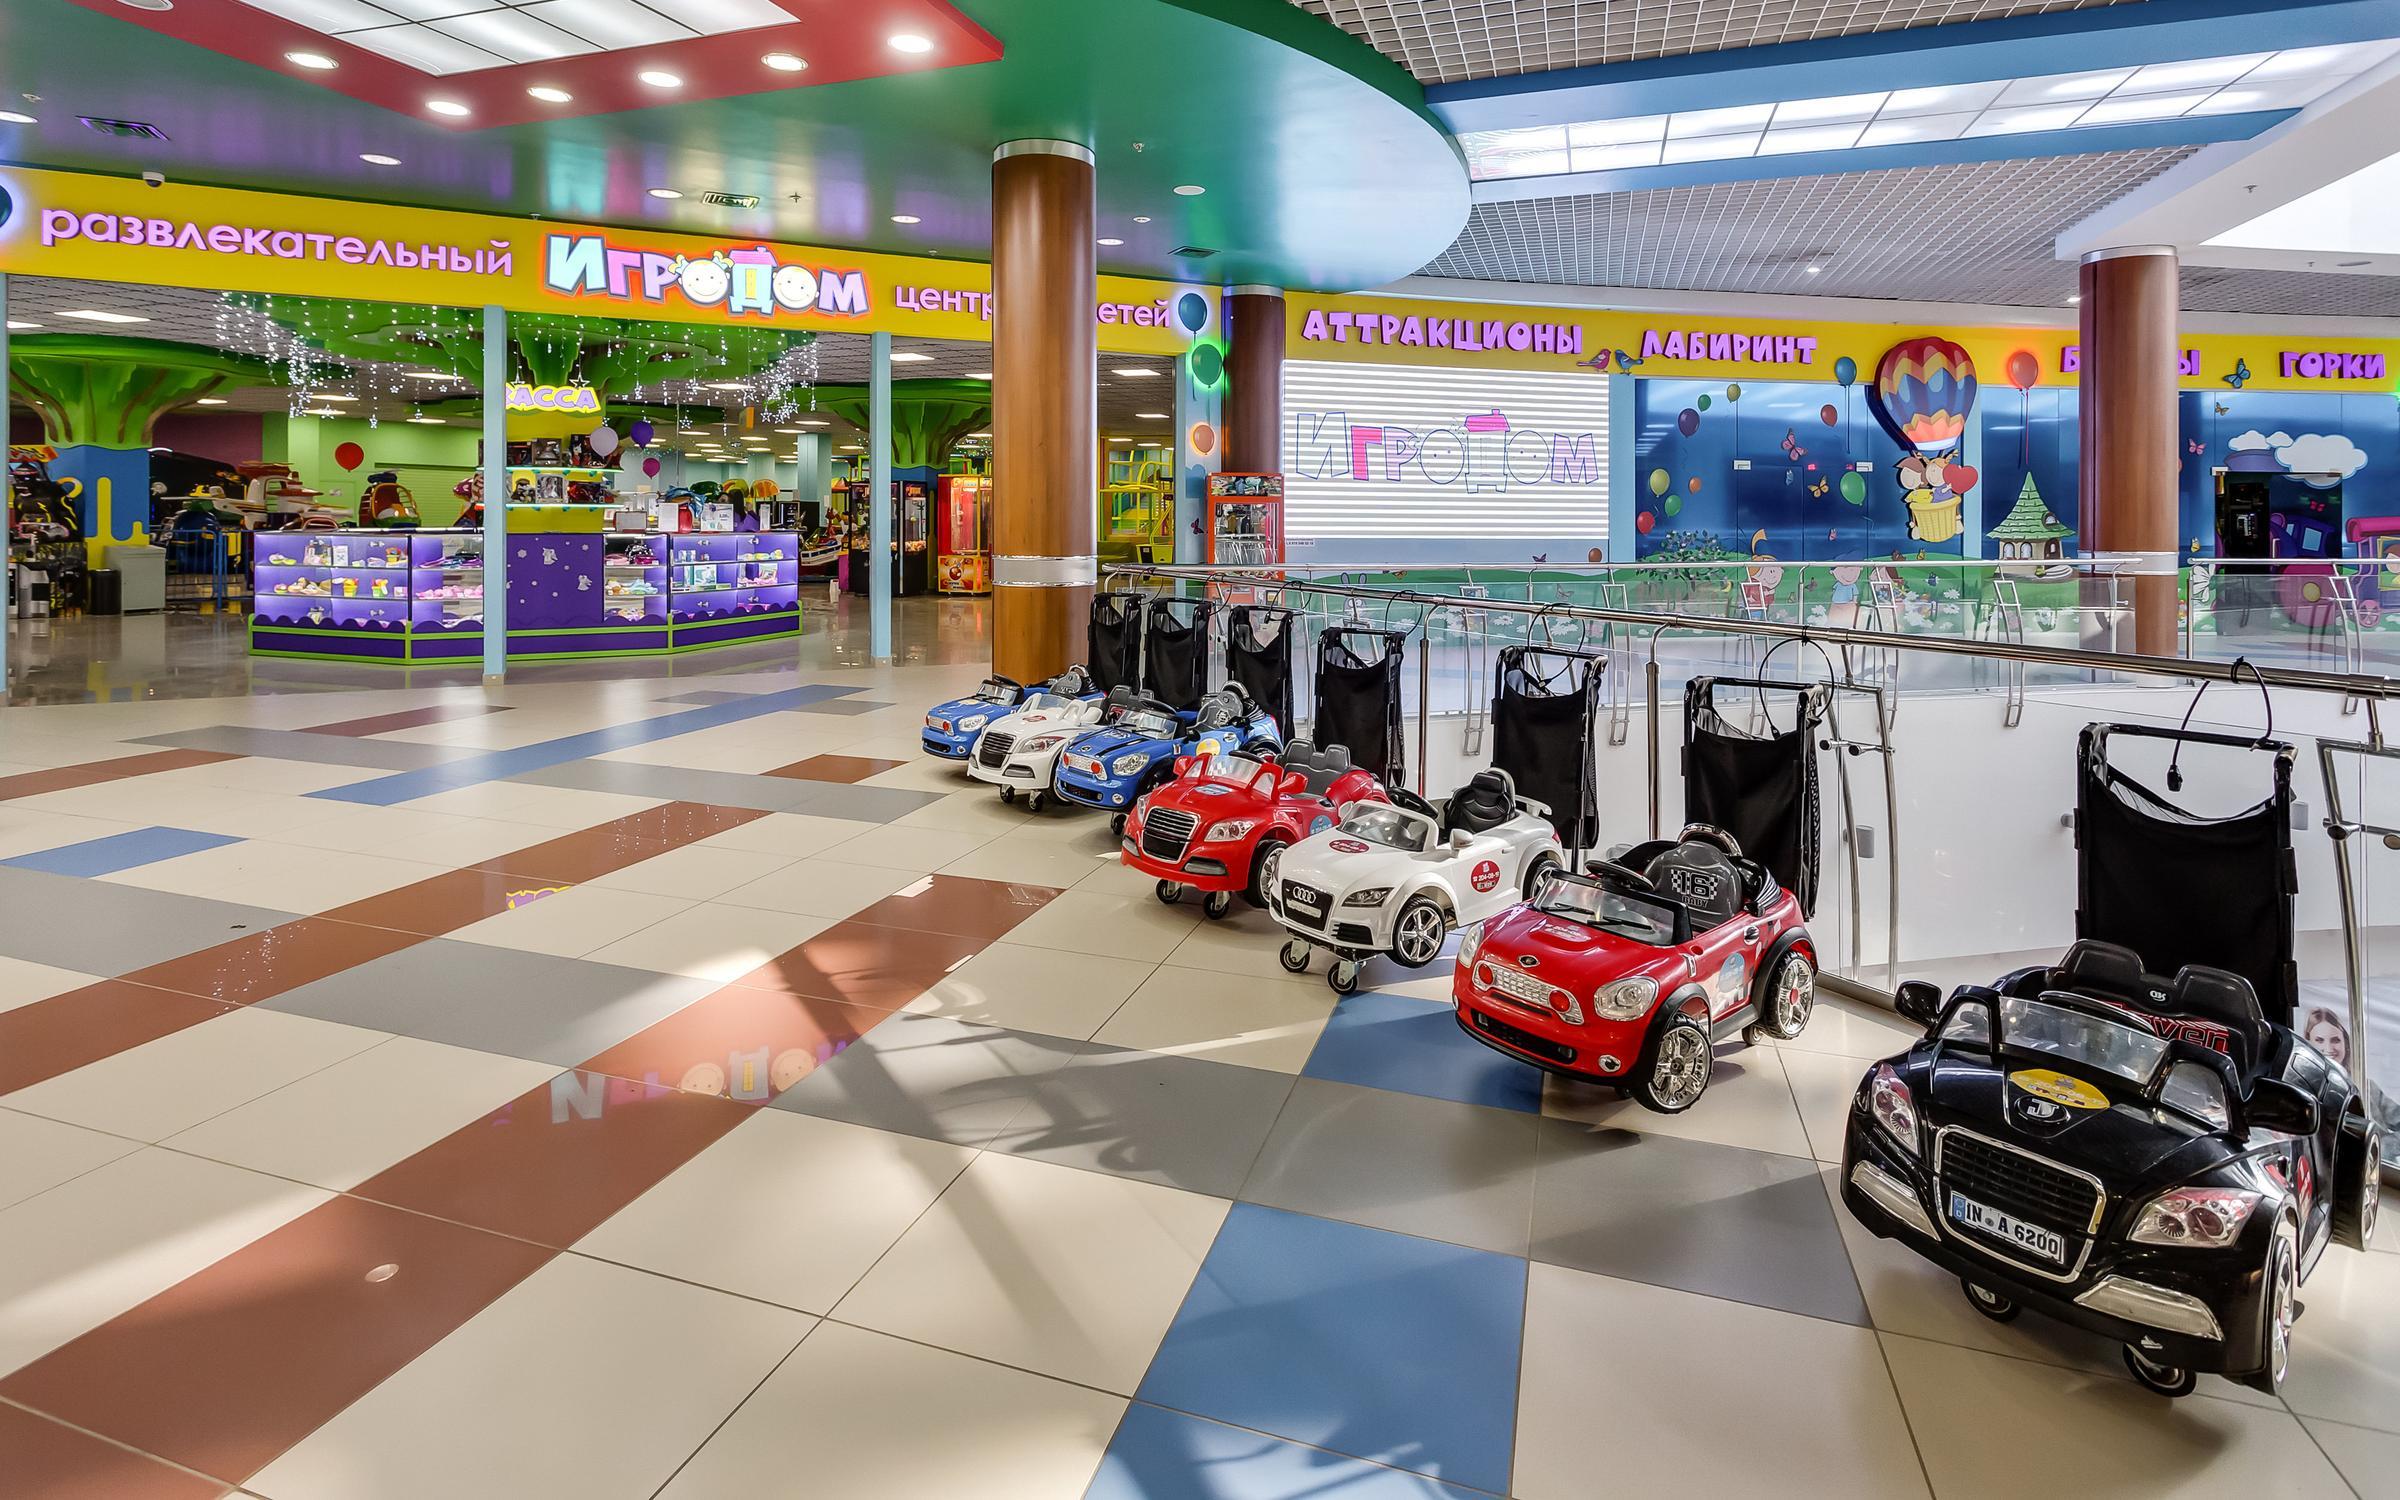 фотография Развлекательного центра для детей Игродом на улице Малиновского